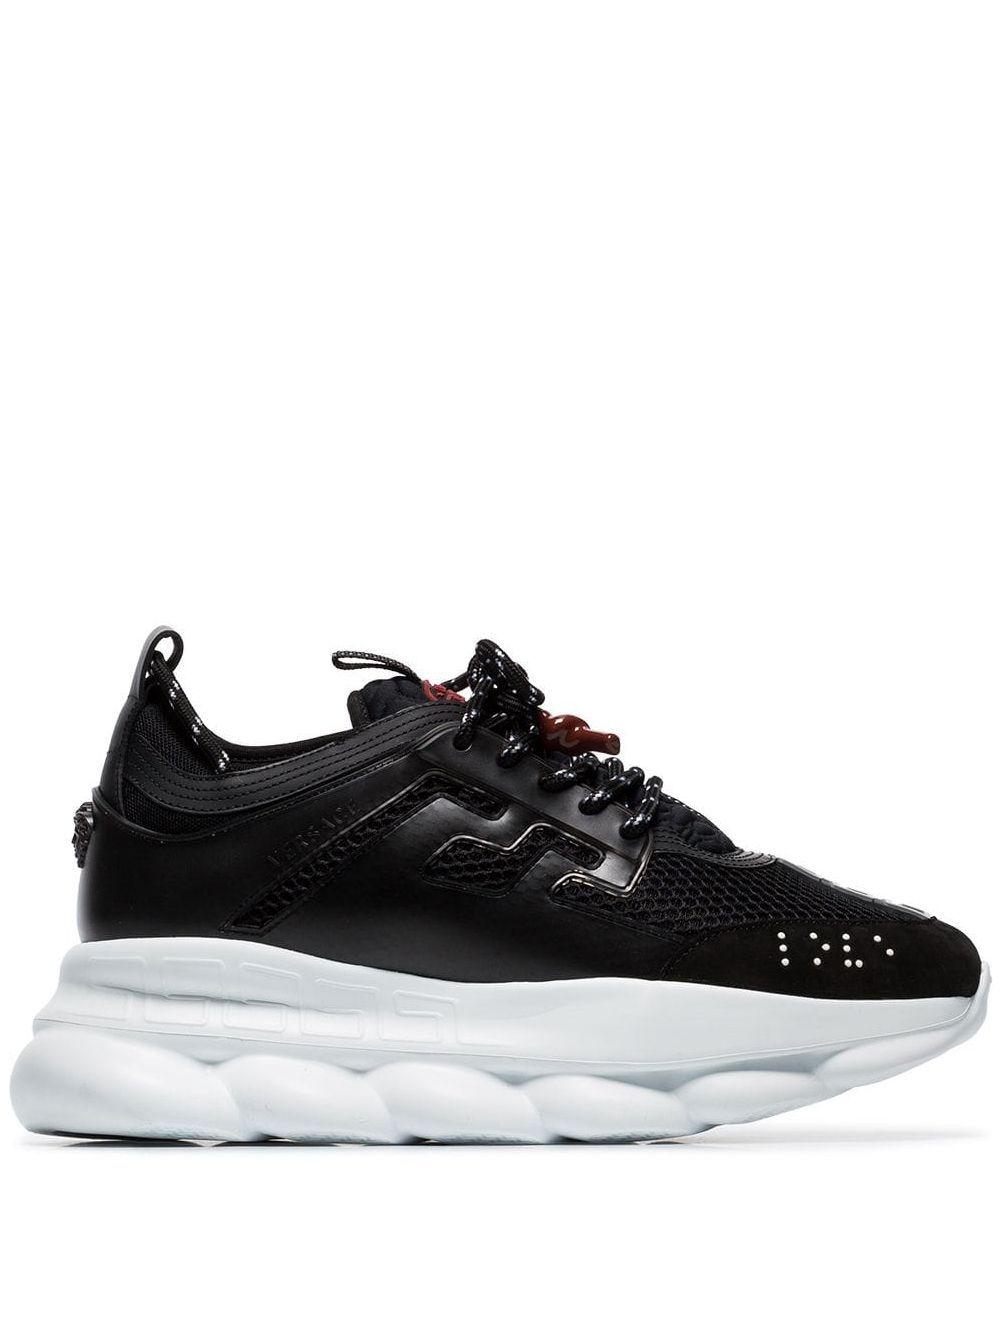 Versace sneakers nero